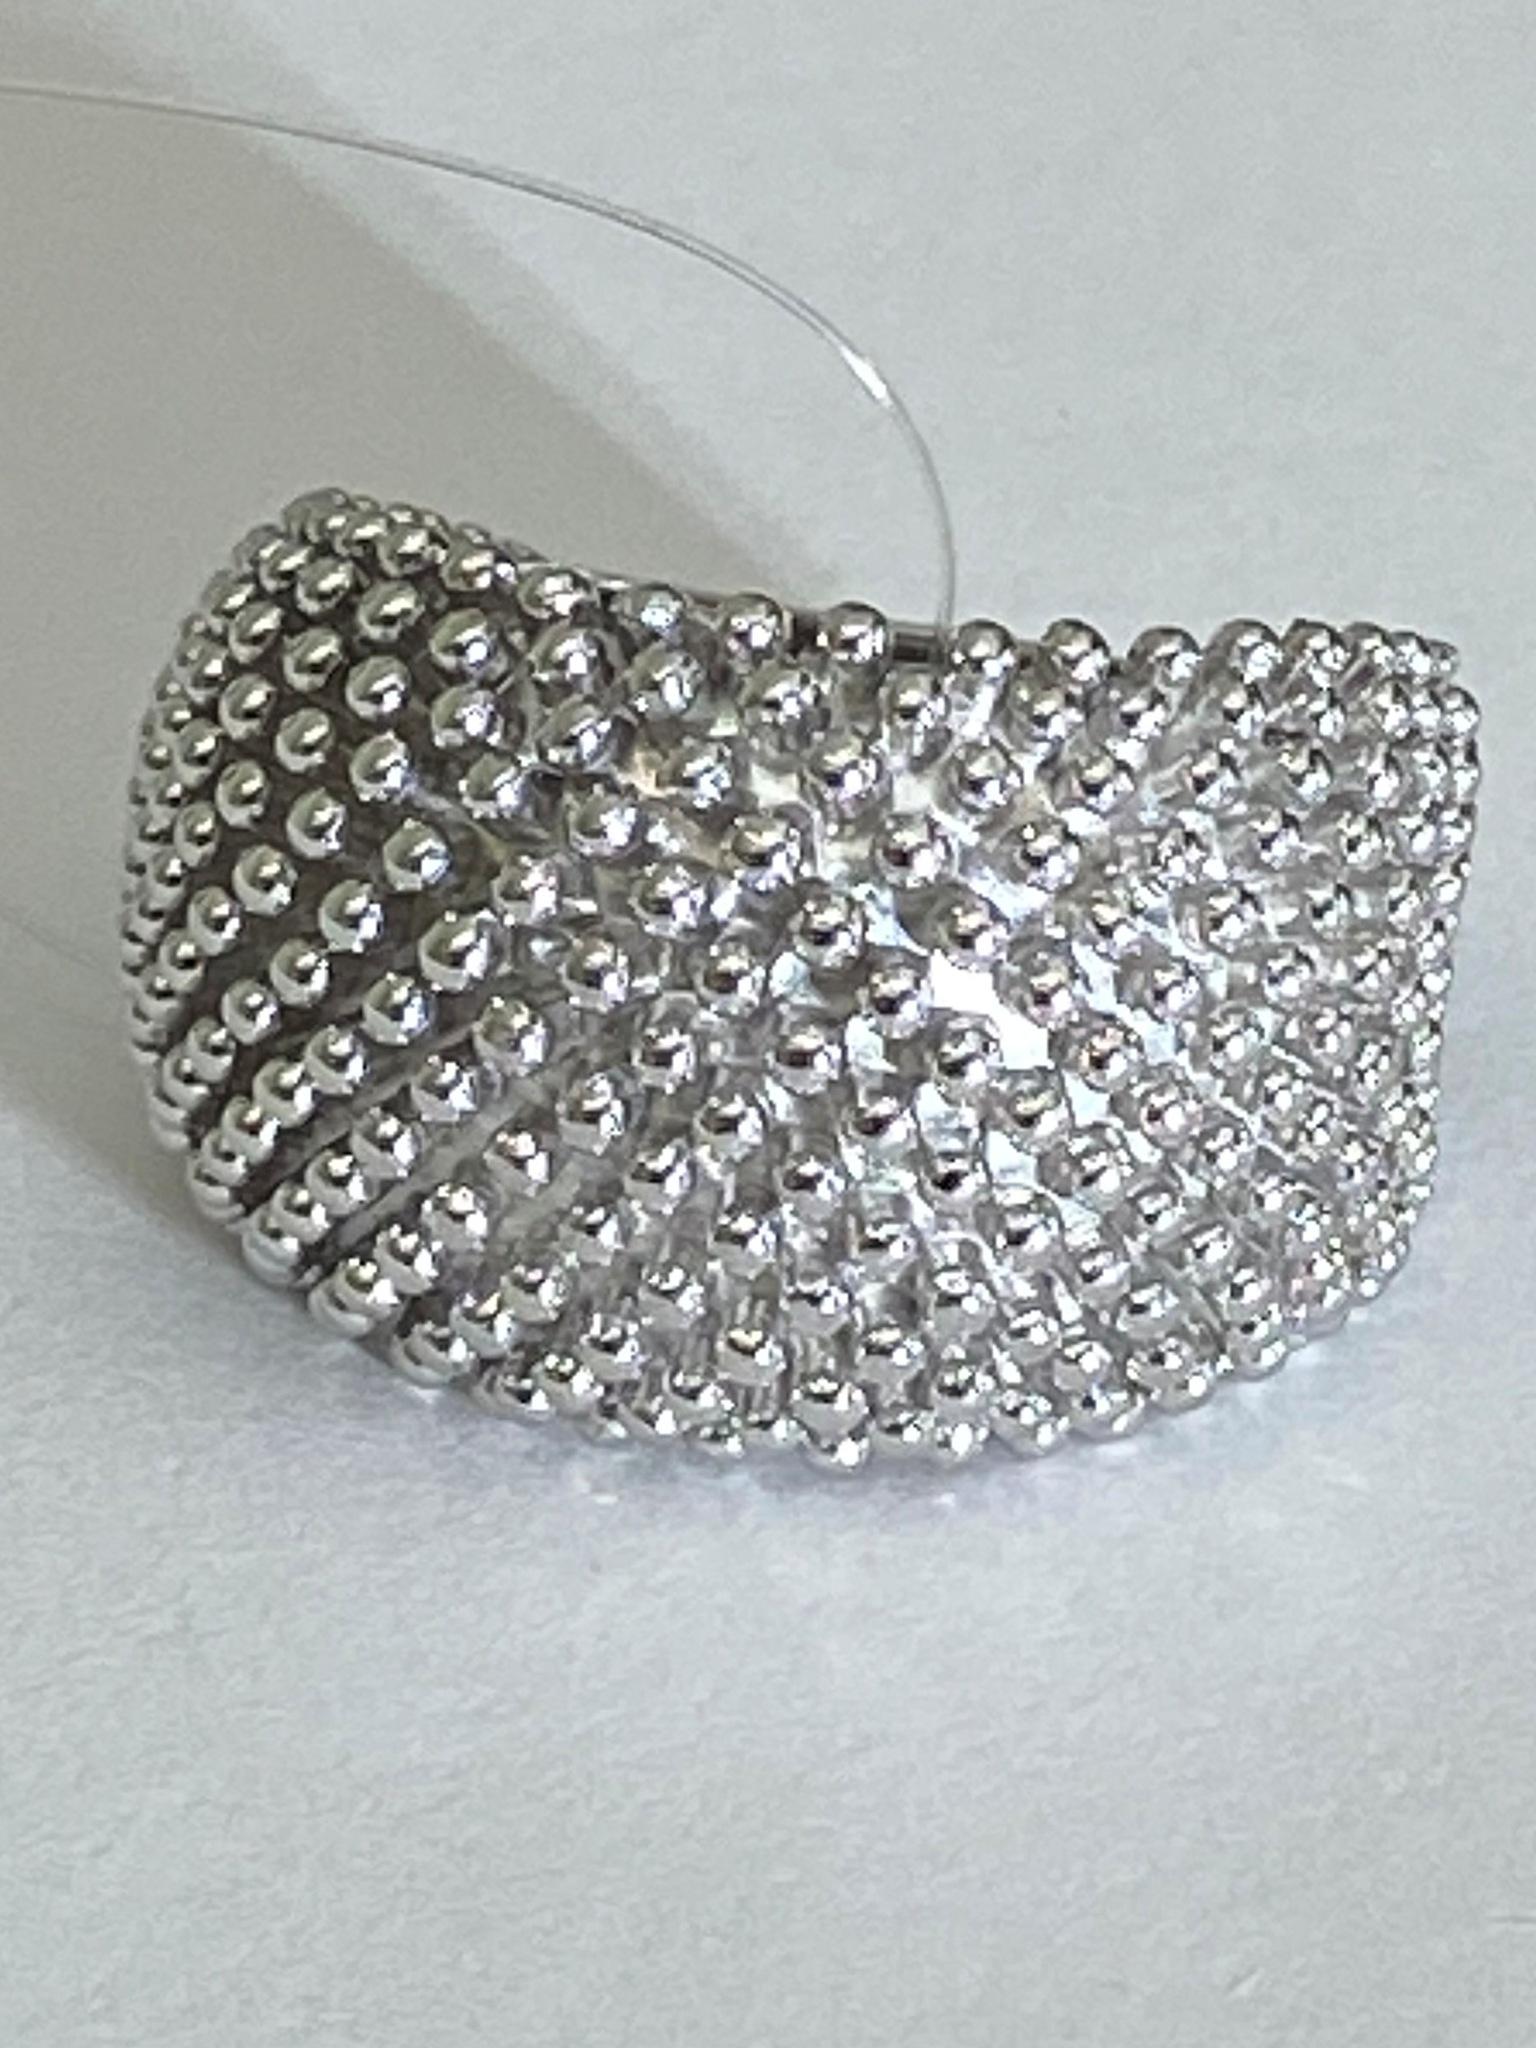 Плинт (кольцо из серебра)